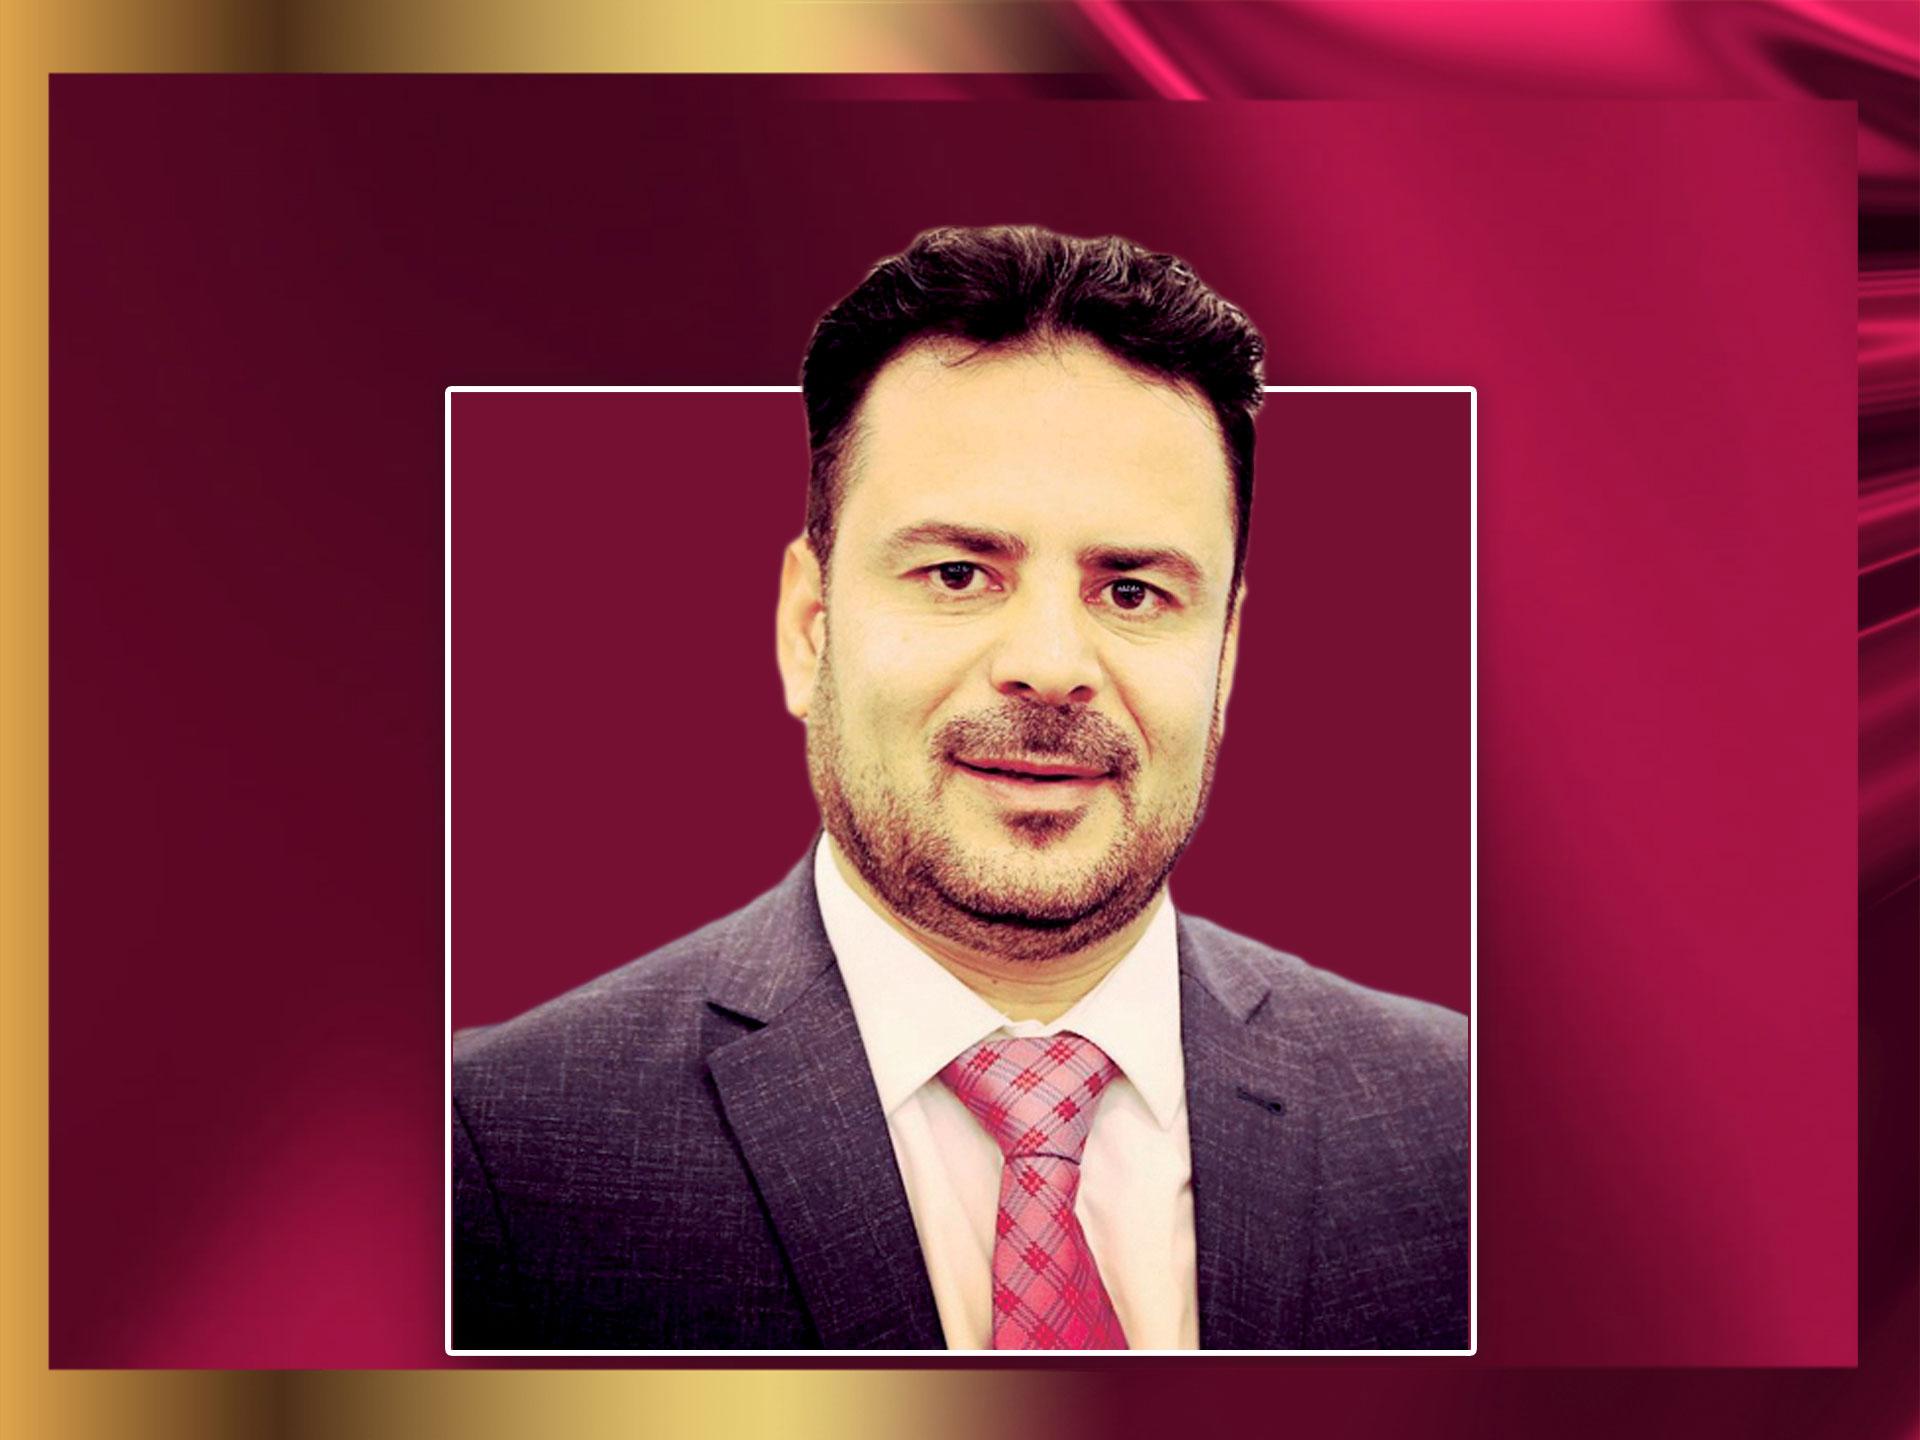 سامي كمال الدين (إعلامي مصري):